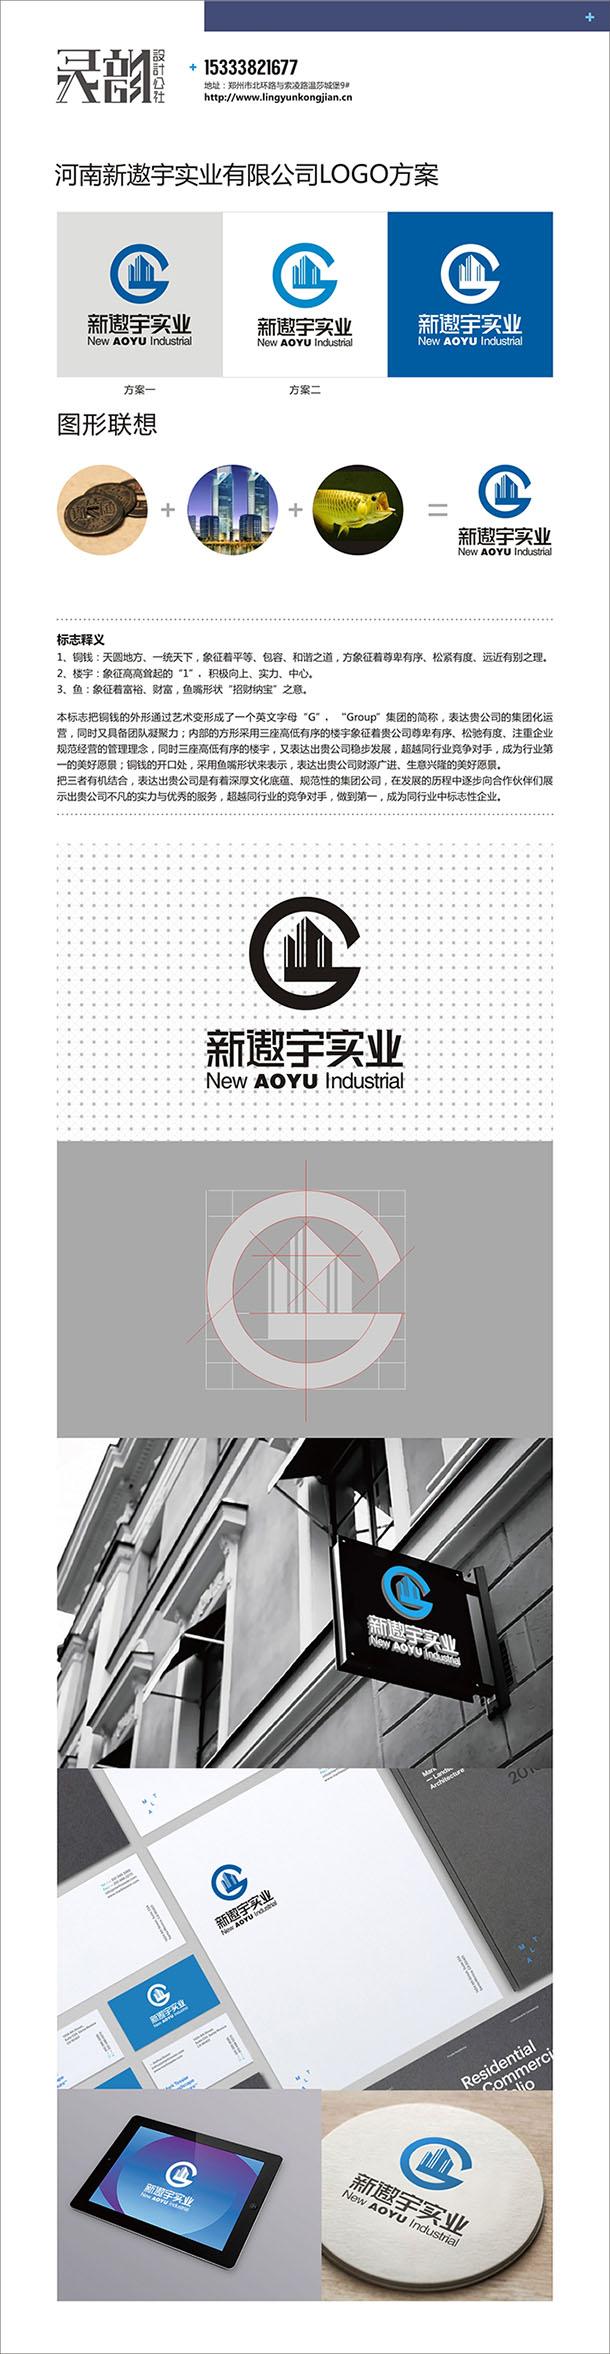 河南新遨宇实业有限公司